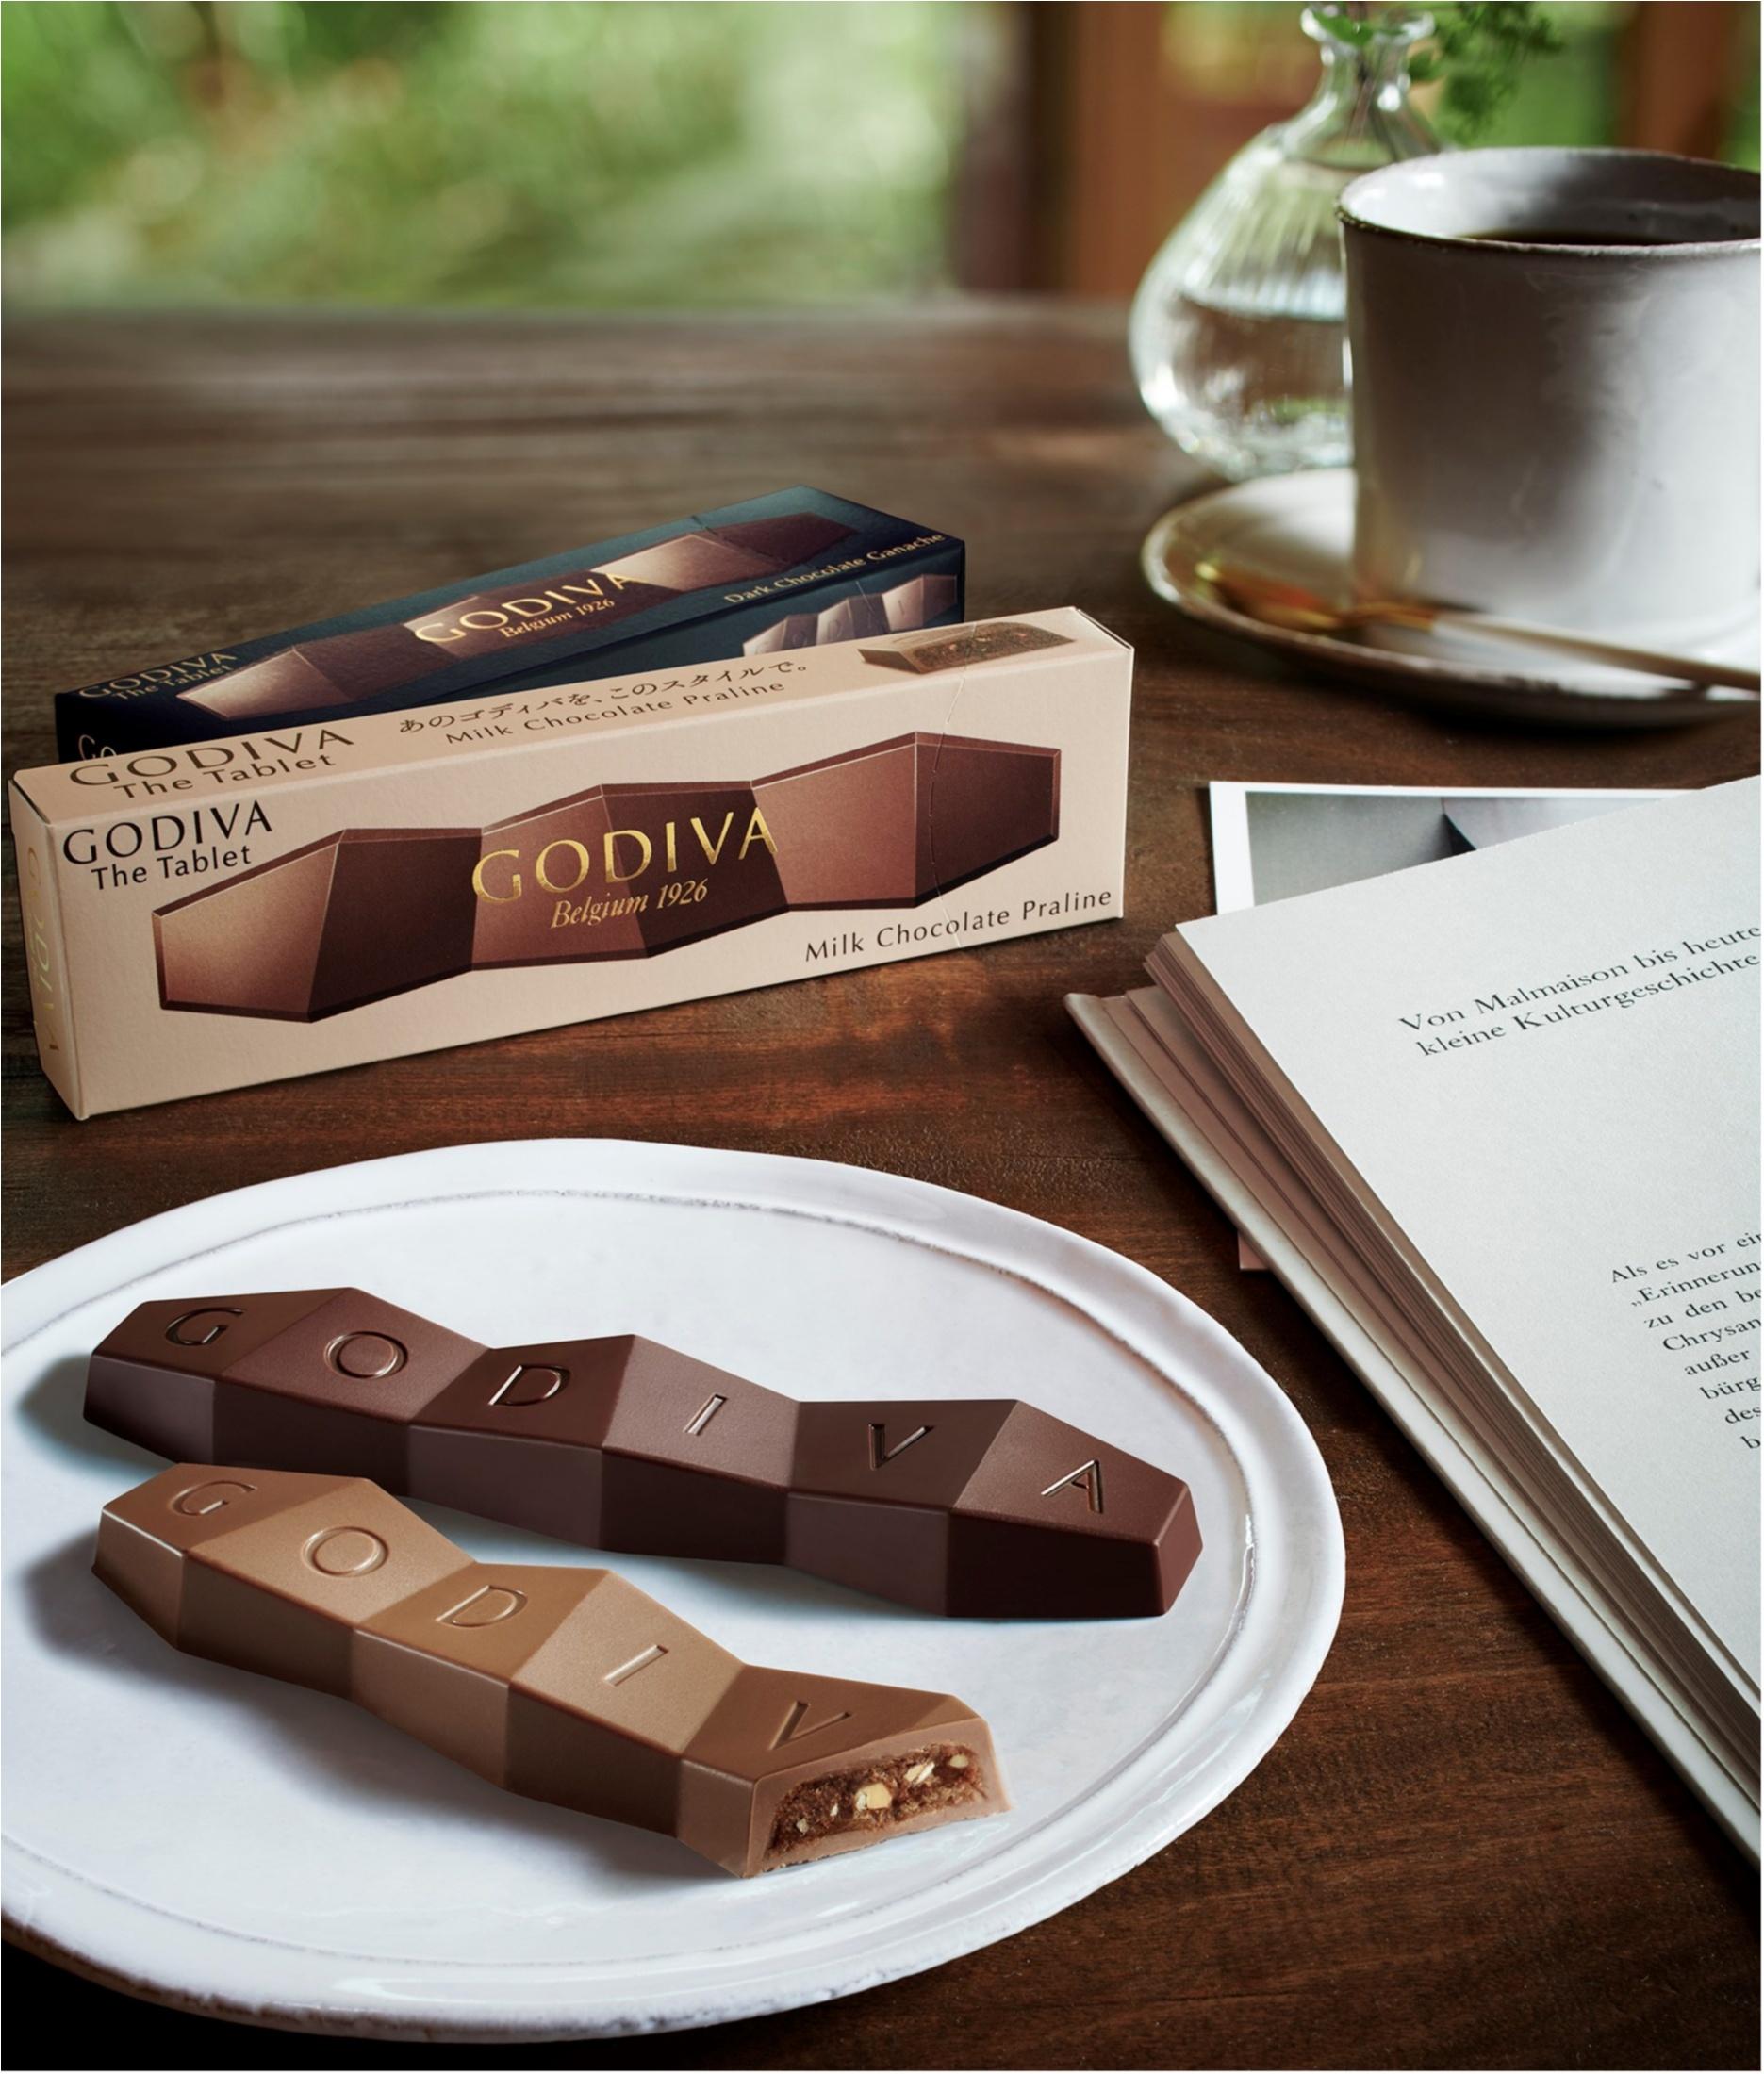 もう食べた?『セブンーイレブン』限定の『ゴディバ』チョコレートが超話題! 今週のライフスタイル人気ランキングトップ3☆_1_3